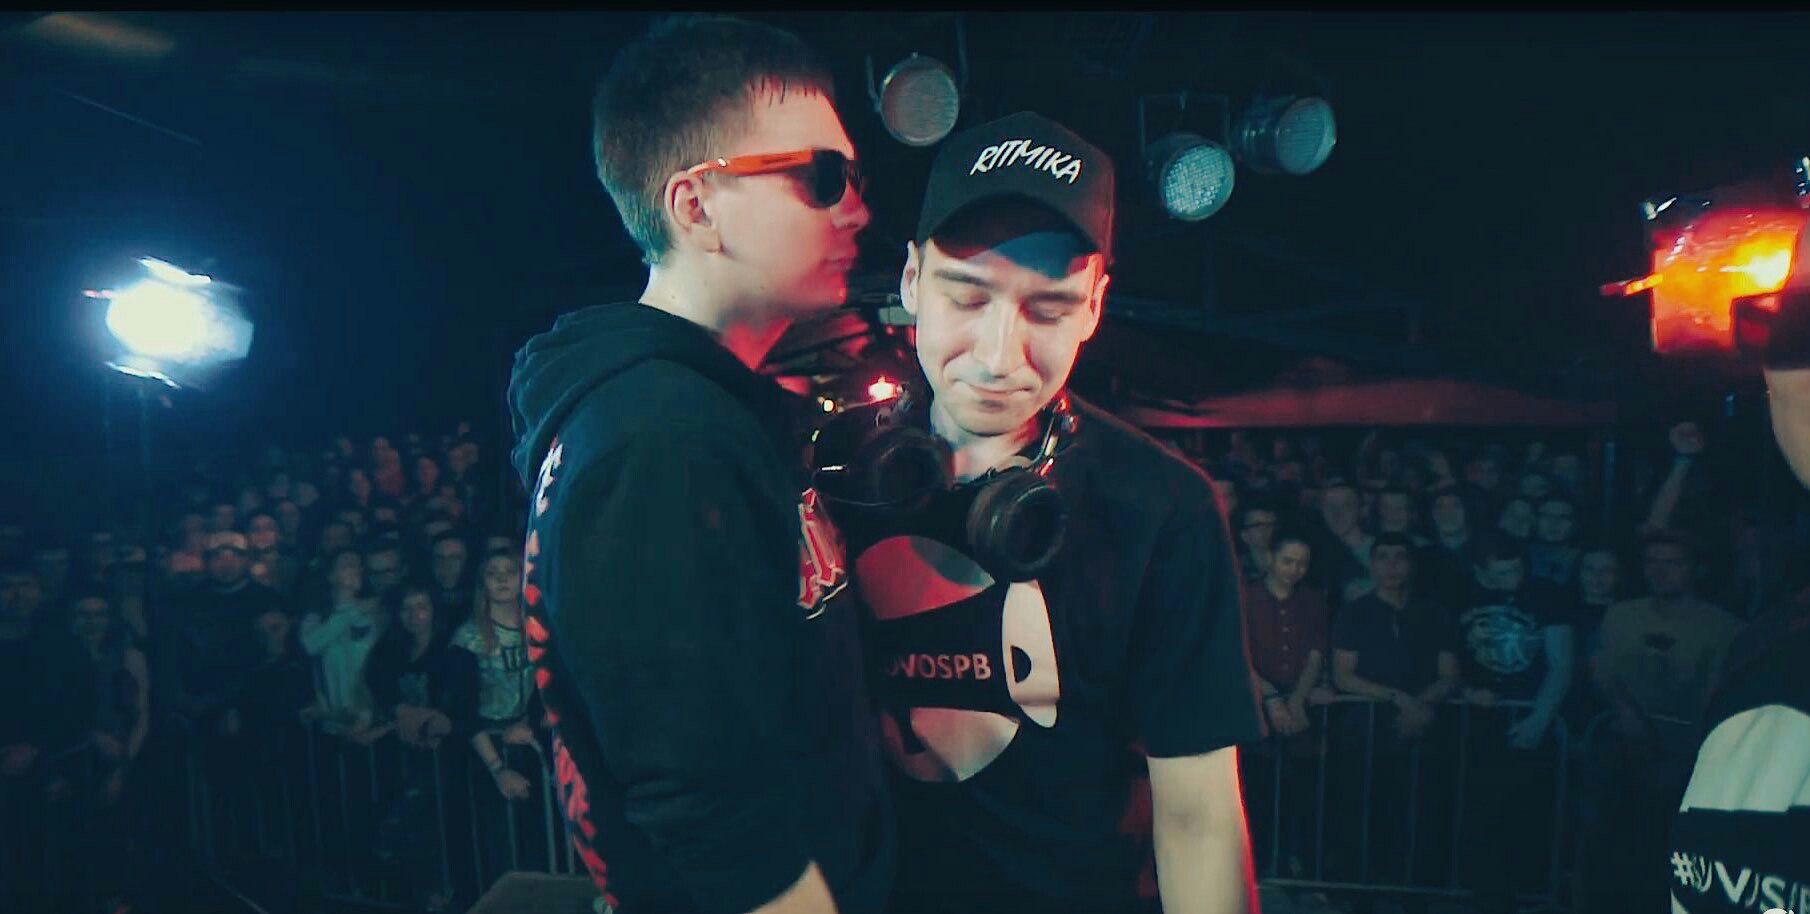 Режиссеры порно москвы